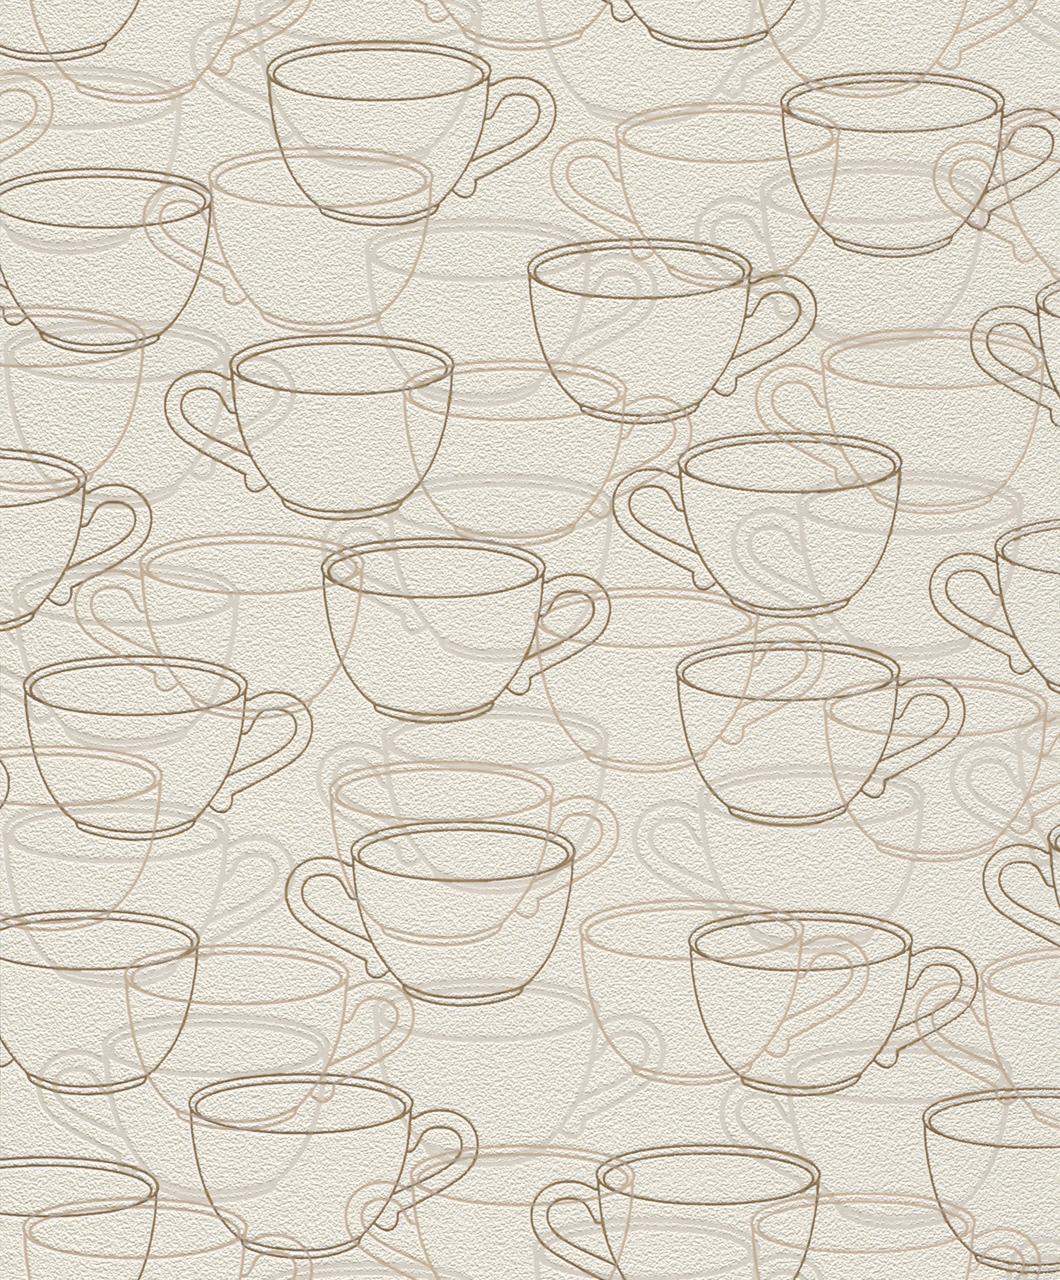 Küchen Vliestapete 459715    Tasse  beige   Kaffee